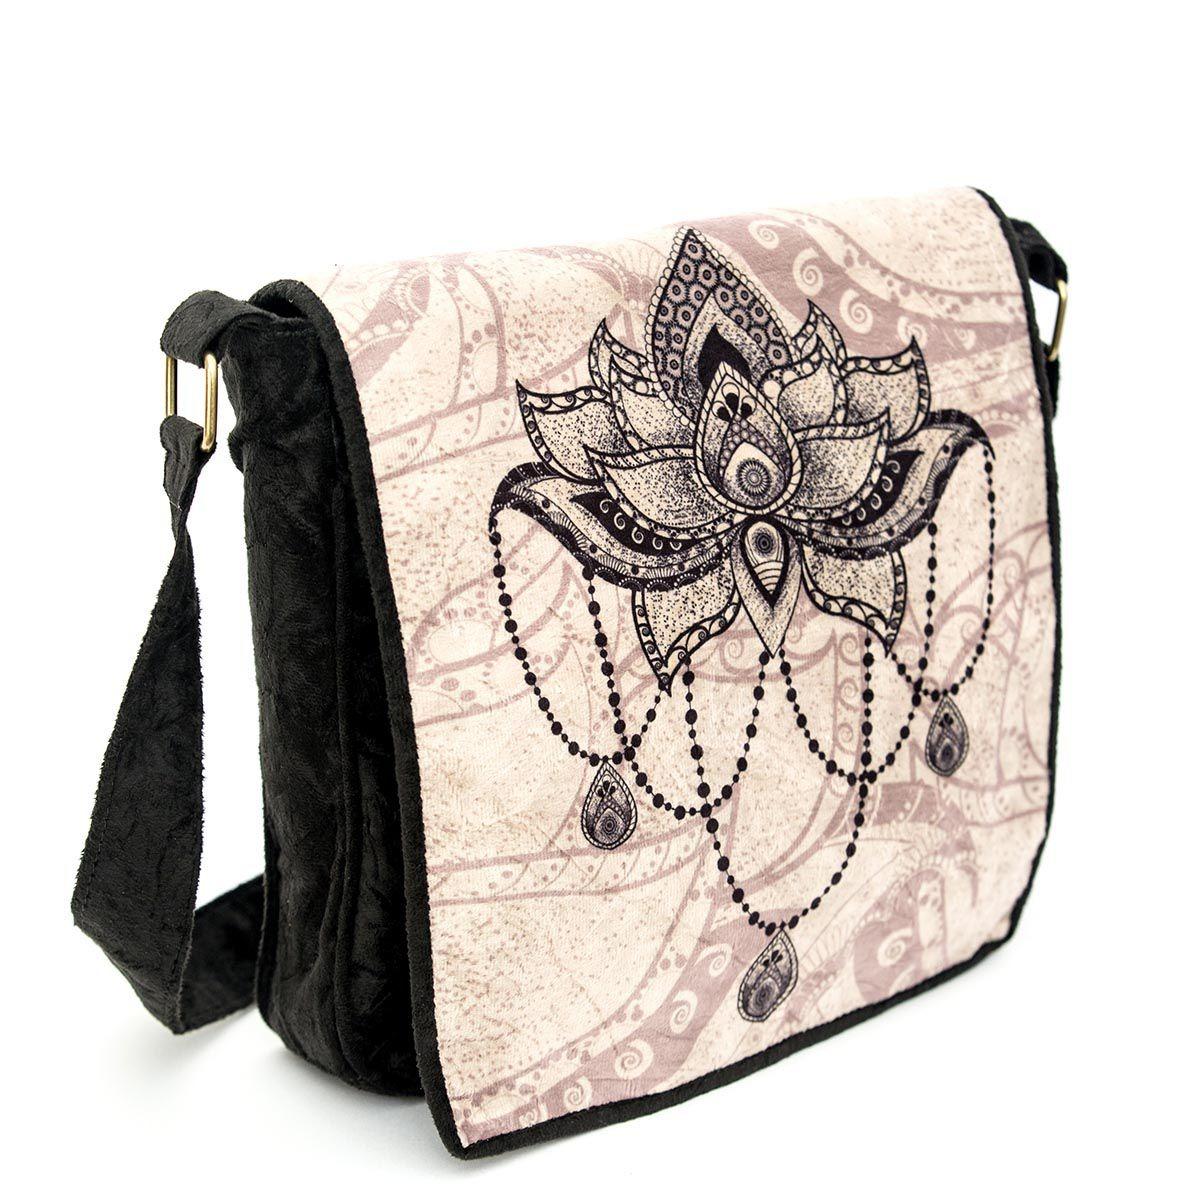 73cd40d21 bolsa flor de lotus capanga c/ tampa cabe caderno preta. Carregando zoom.